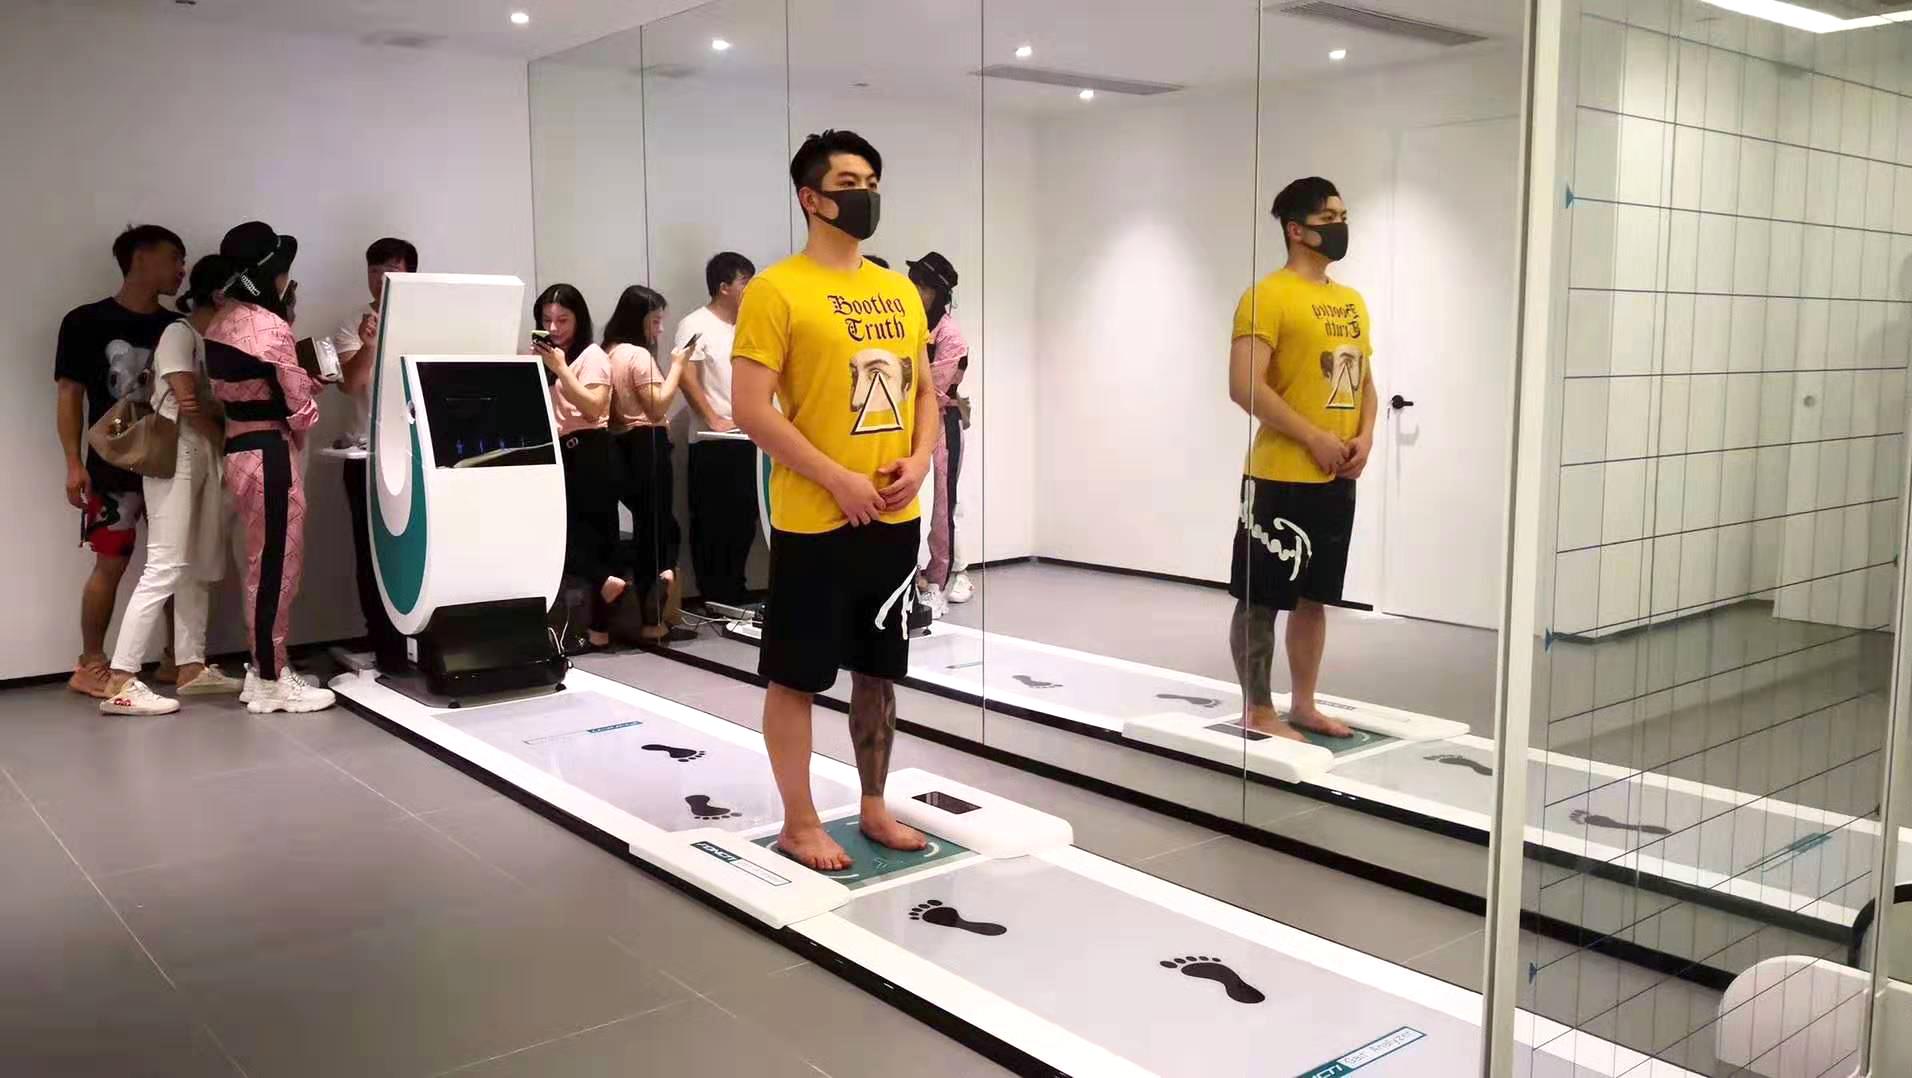 足底压力及身体姿态分析系统